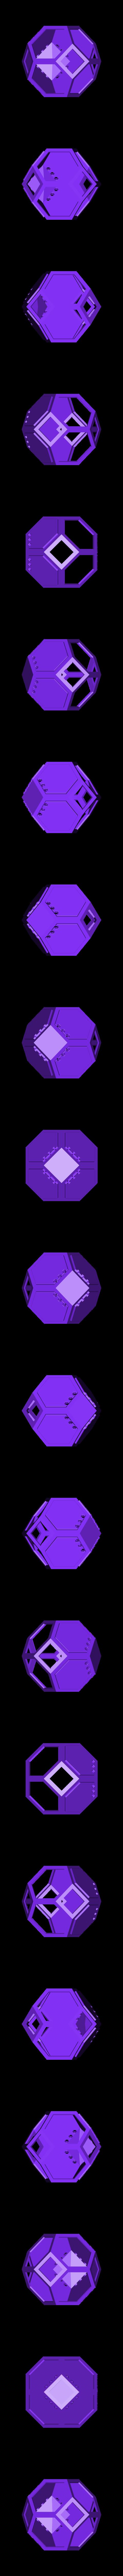 plantygon_planter.stl Descargar archivo STL gratis Plantygon - Plantadora Modular de Apilamiento Geométrico para Suculentas • Objeto para imprimir en 3D, printfutura